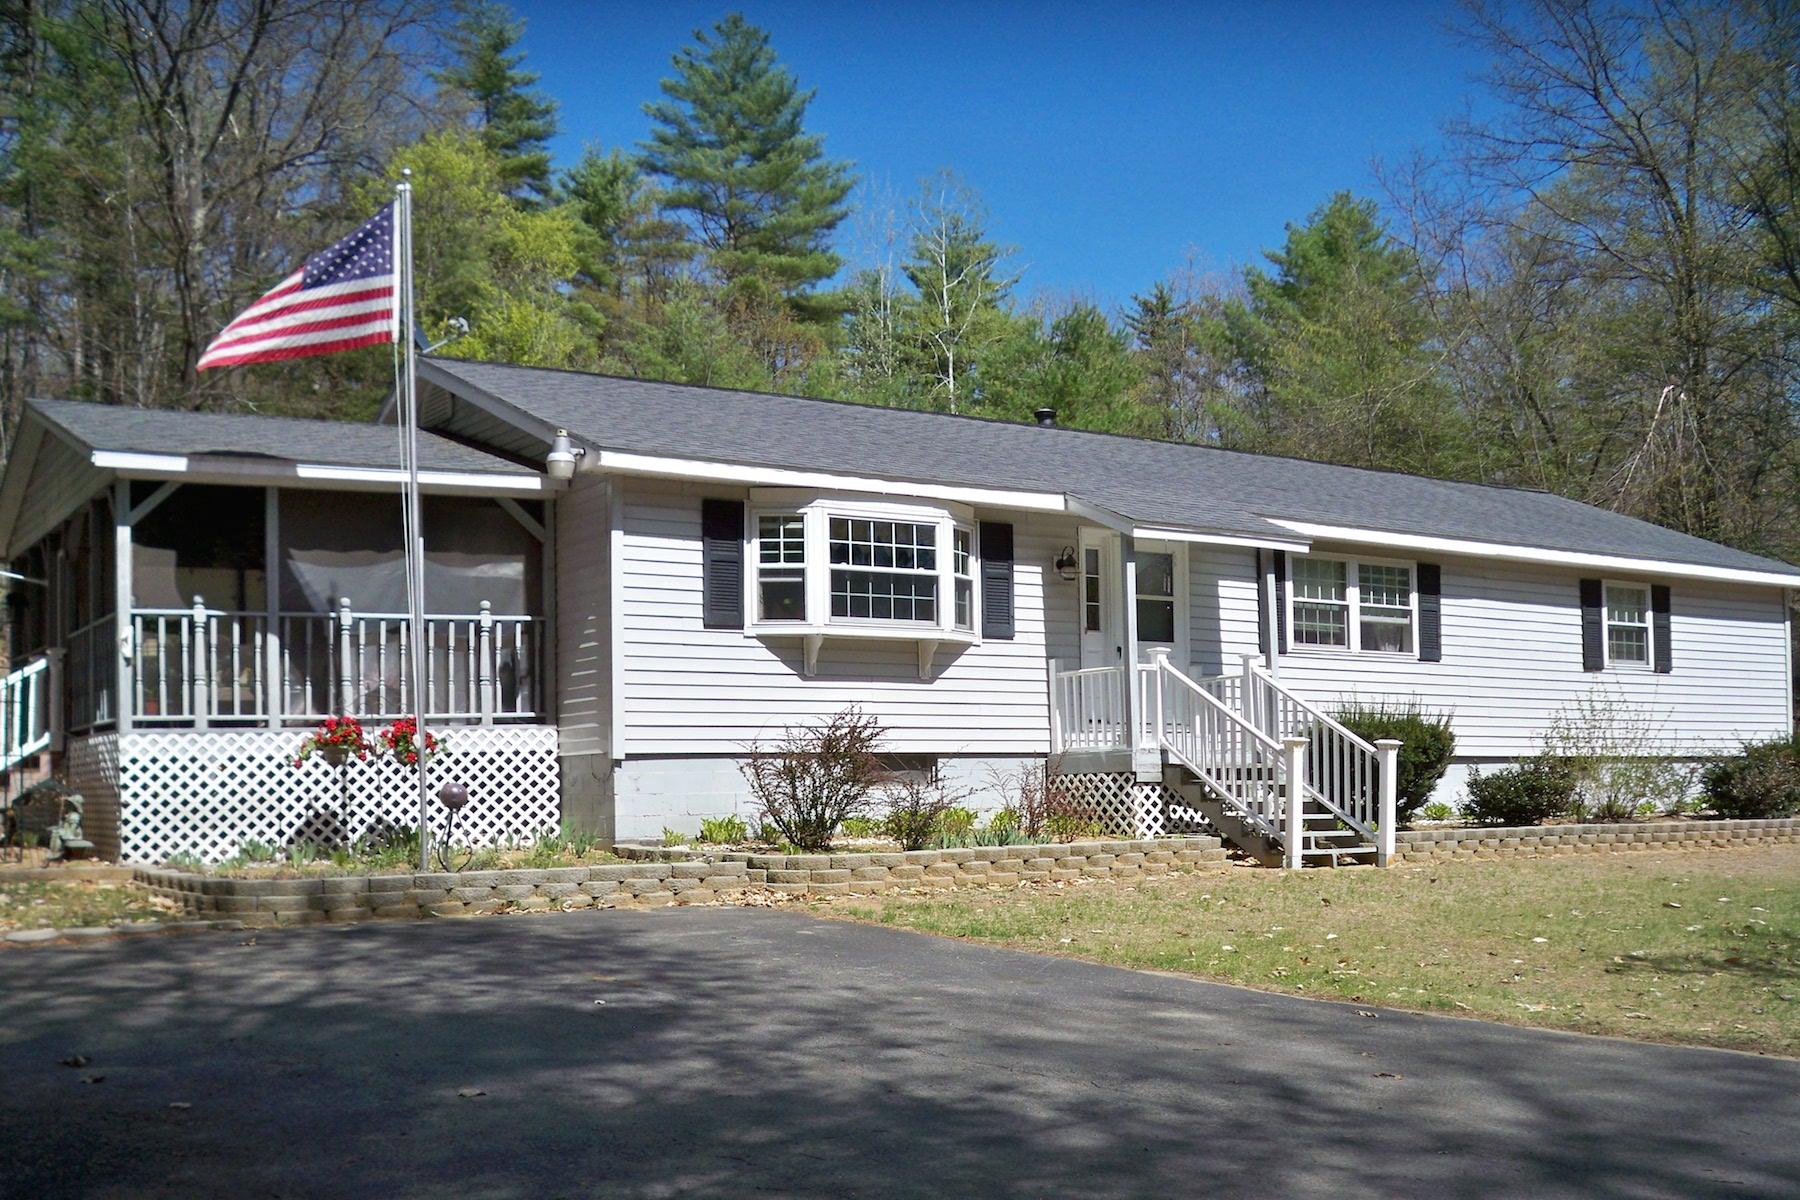 Nhà ở một gia đình vì Bán tại One Level Living on Private 2.63 Acre Lot 41 Louden Rd Saratoga Springs, New York 12866 Hoa Kỳ